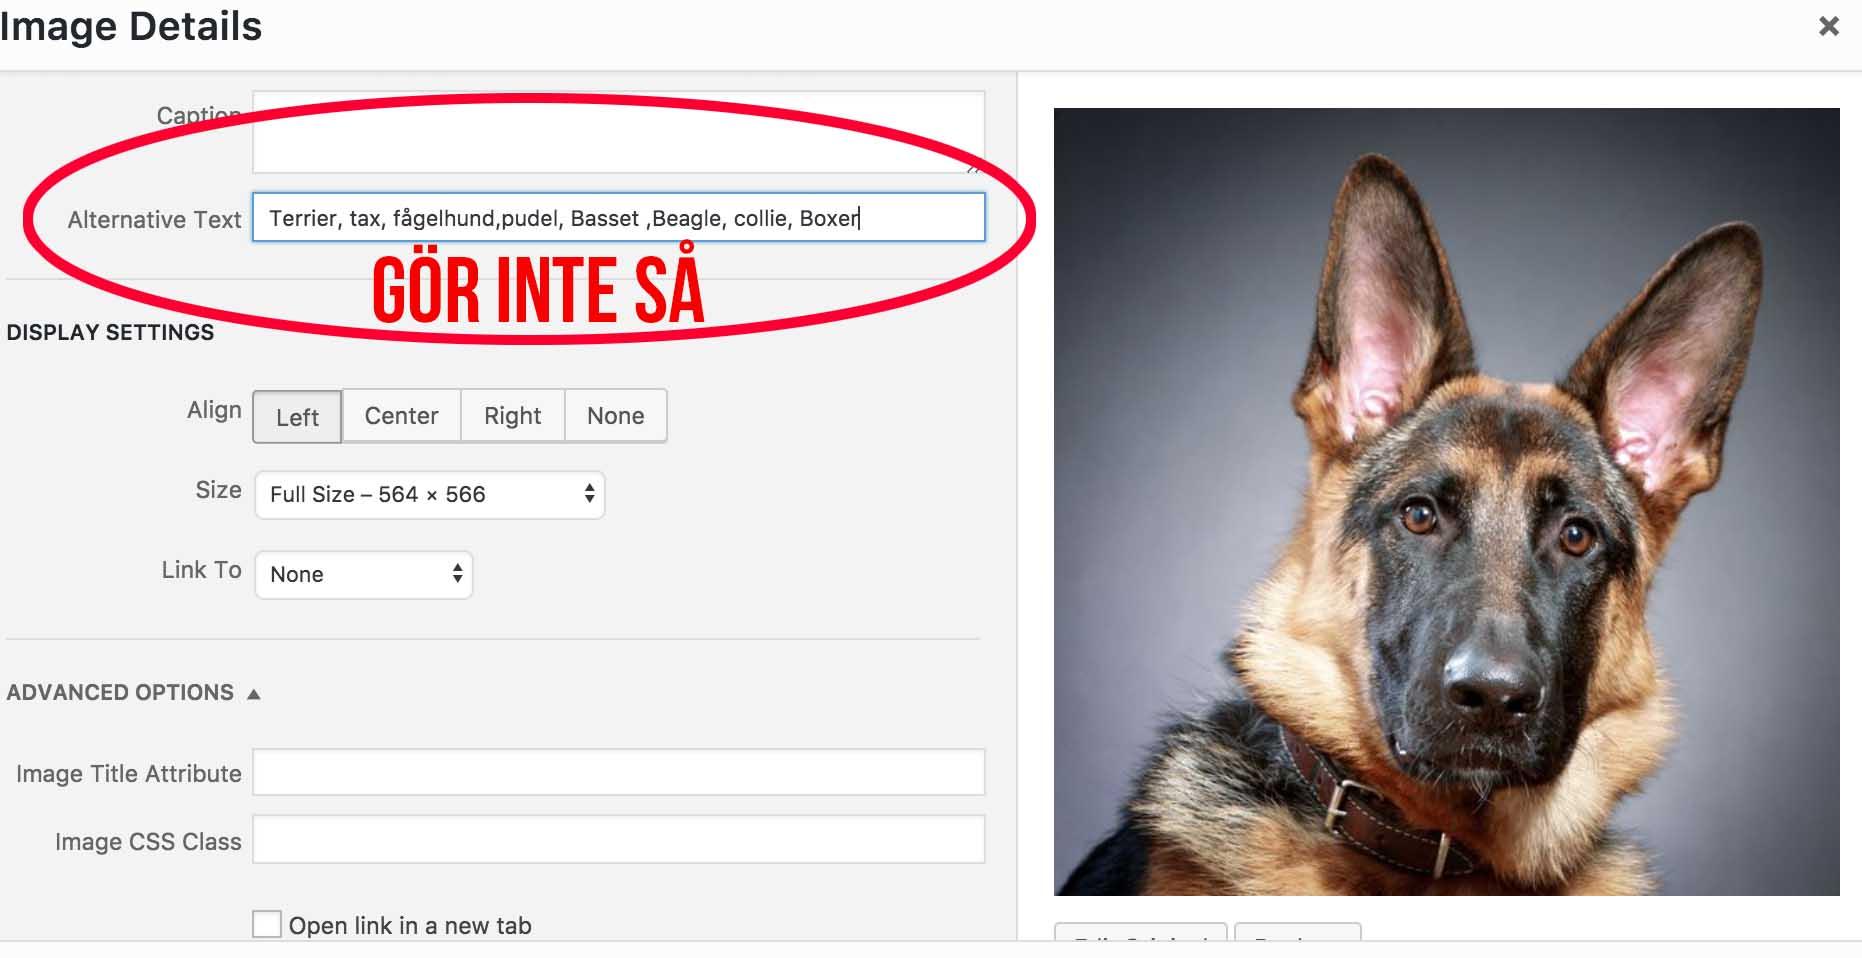 Alttext exempel-Optimera dina bilder för Google